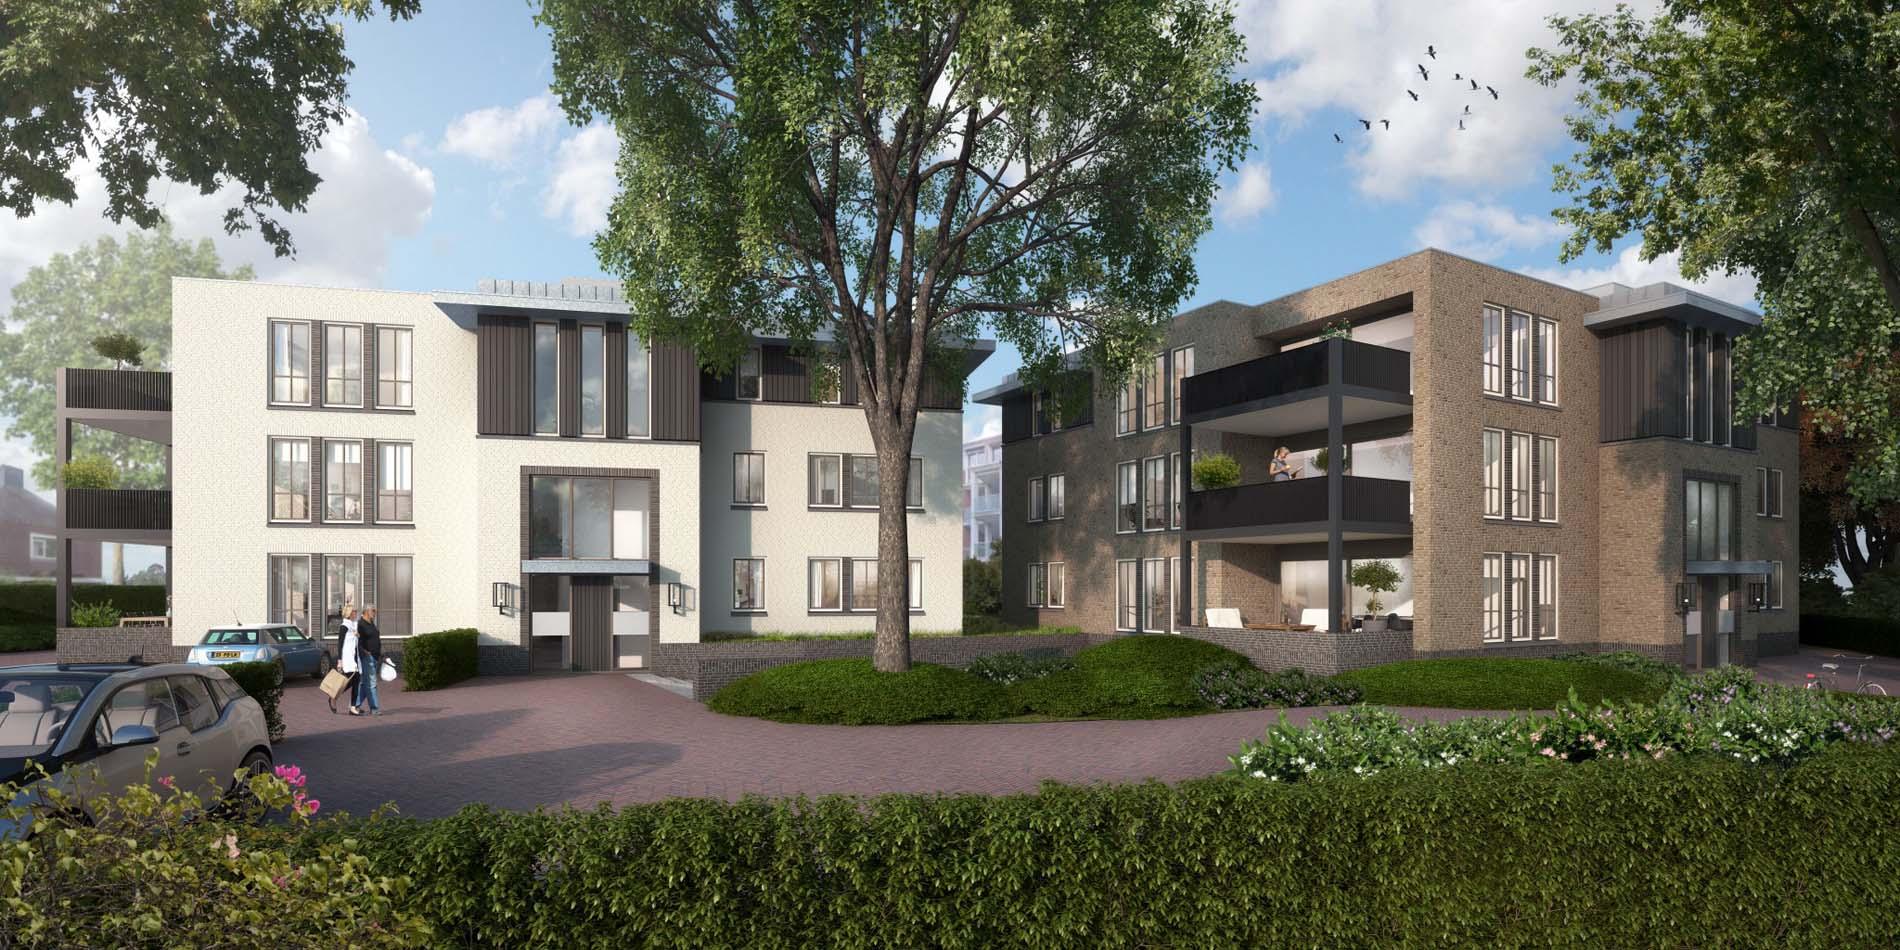 Project - LarensHart in Laren